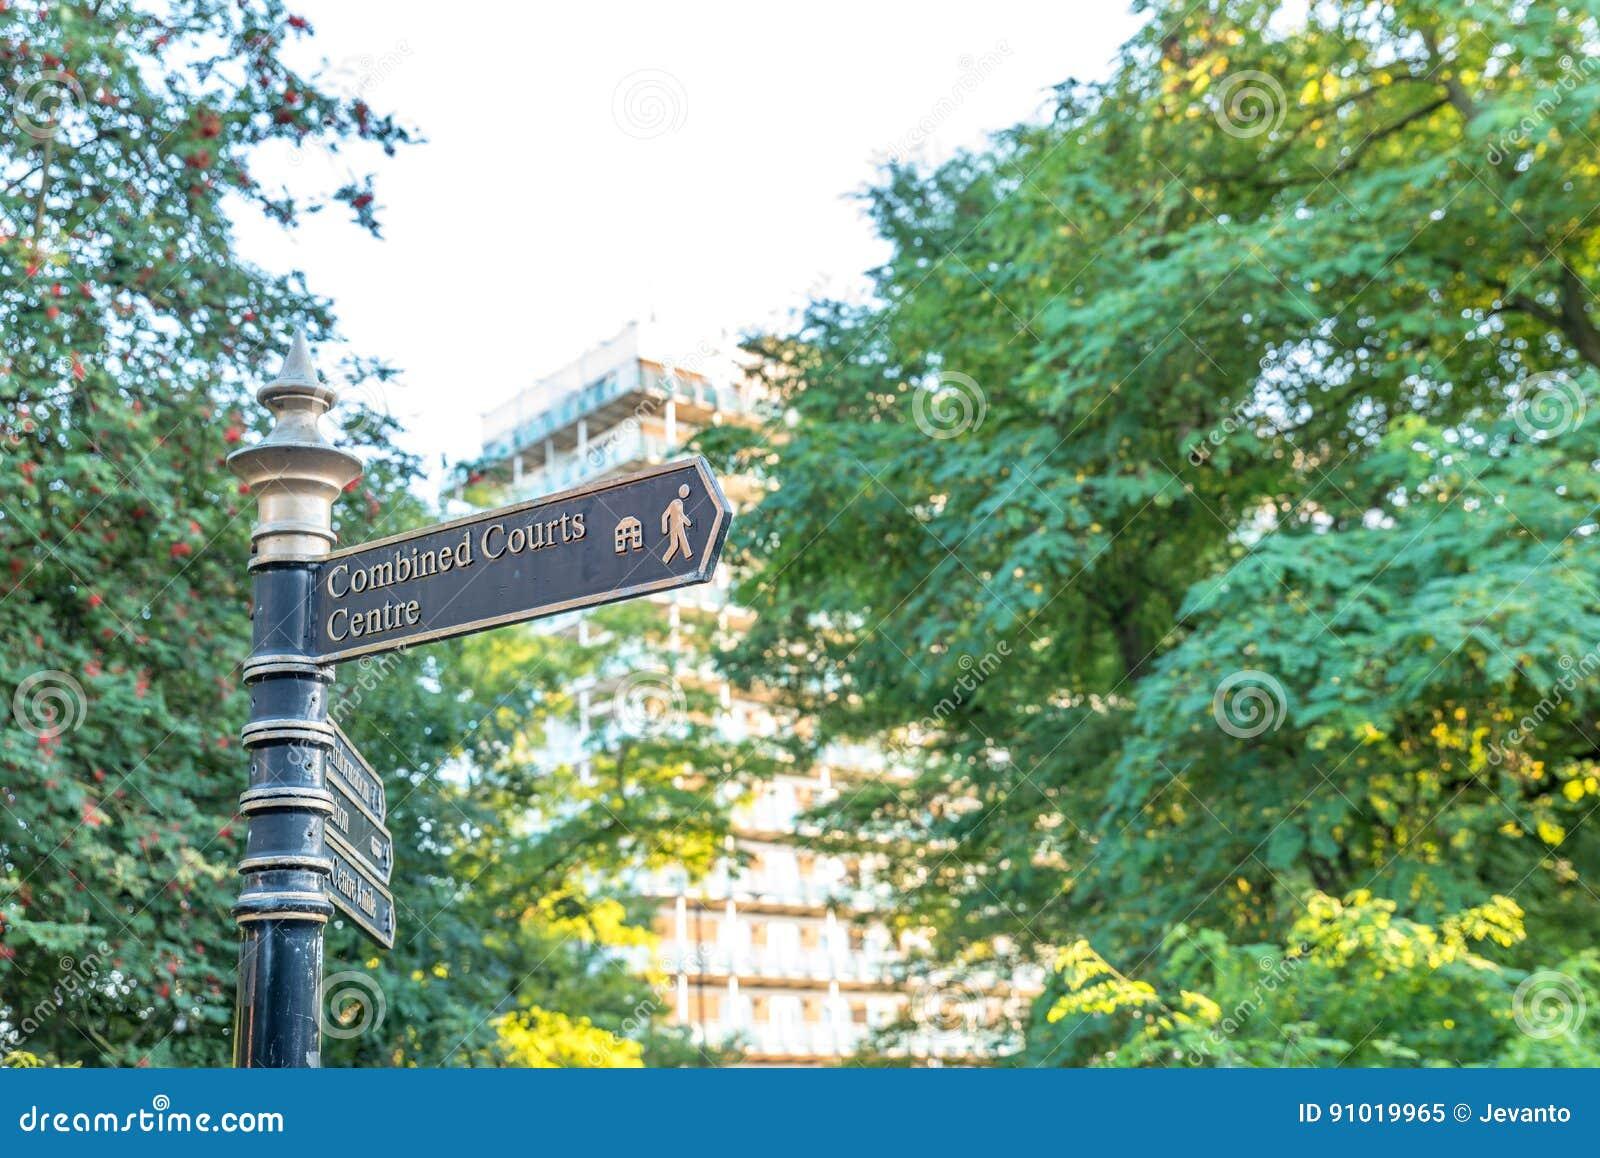 Κατευθυντικό πόλης κέντρο Αγγλία UK του Νόρθαμπτον σημαδιών